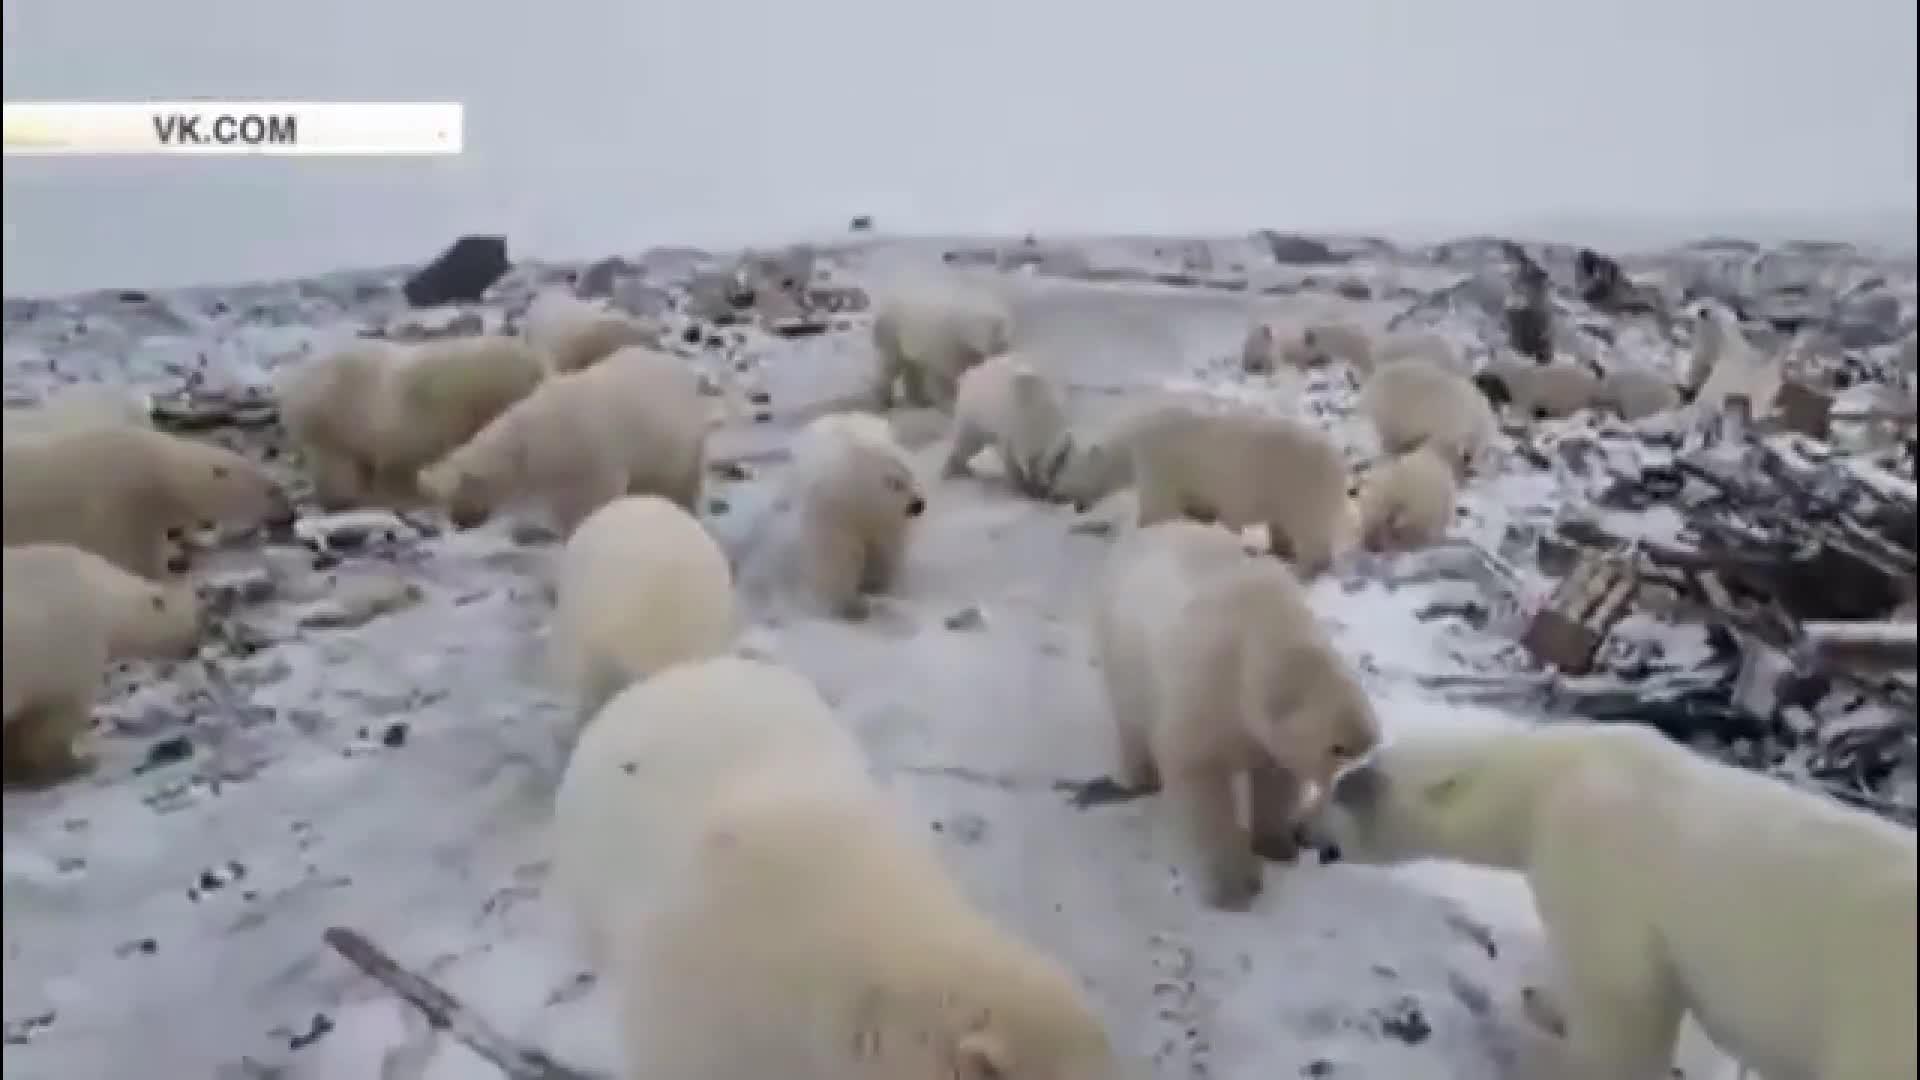 動画:餌求め…ホッキョクグマ50頭超が集落うろつく ロシア北部の島